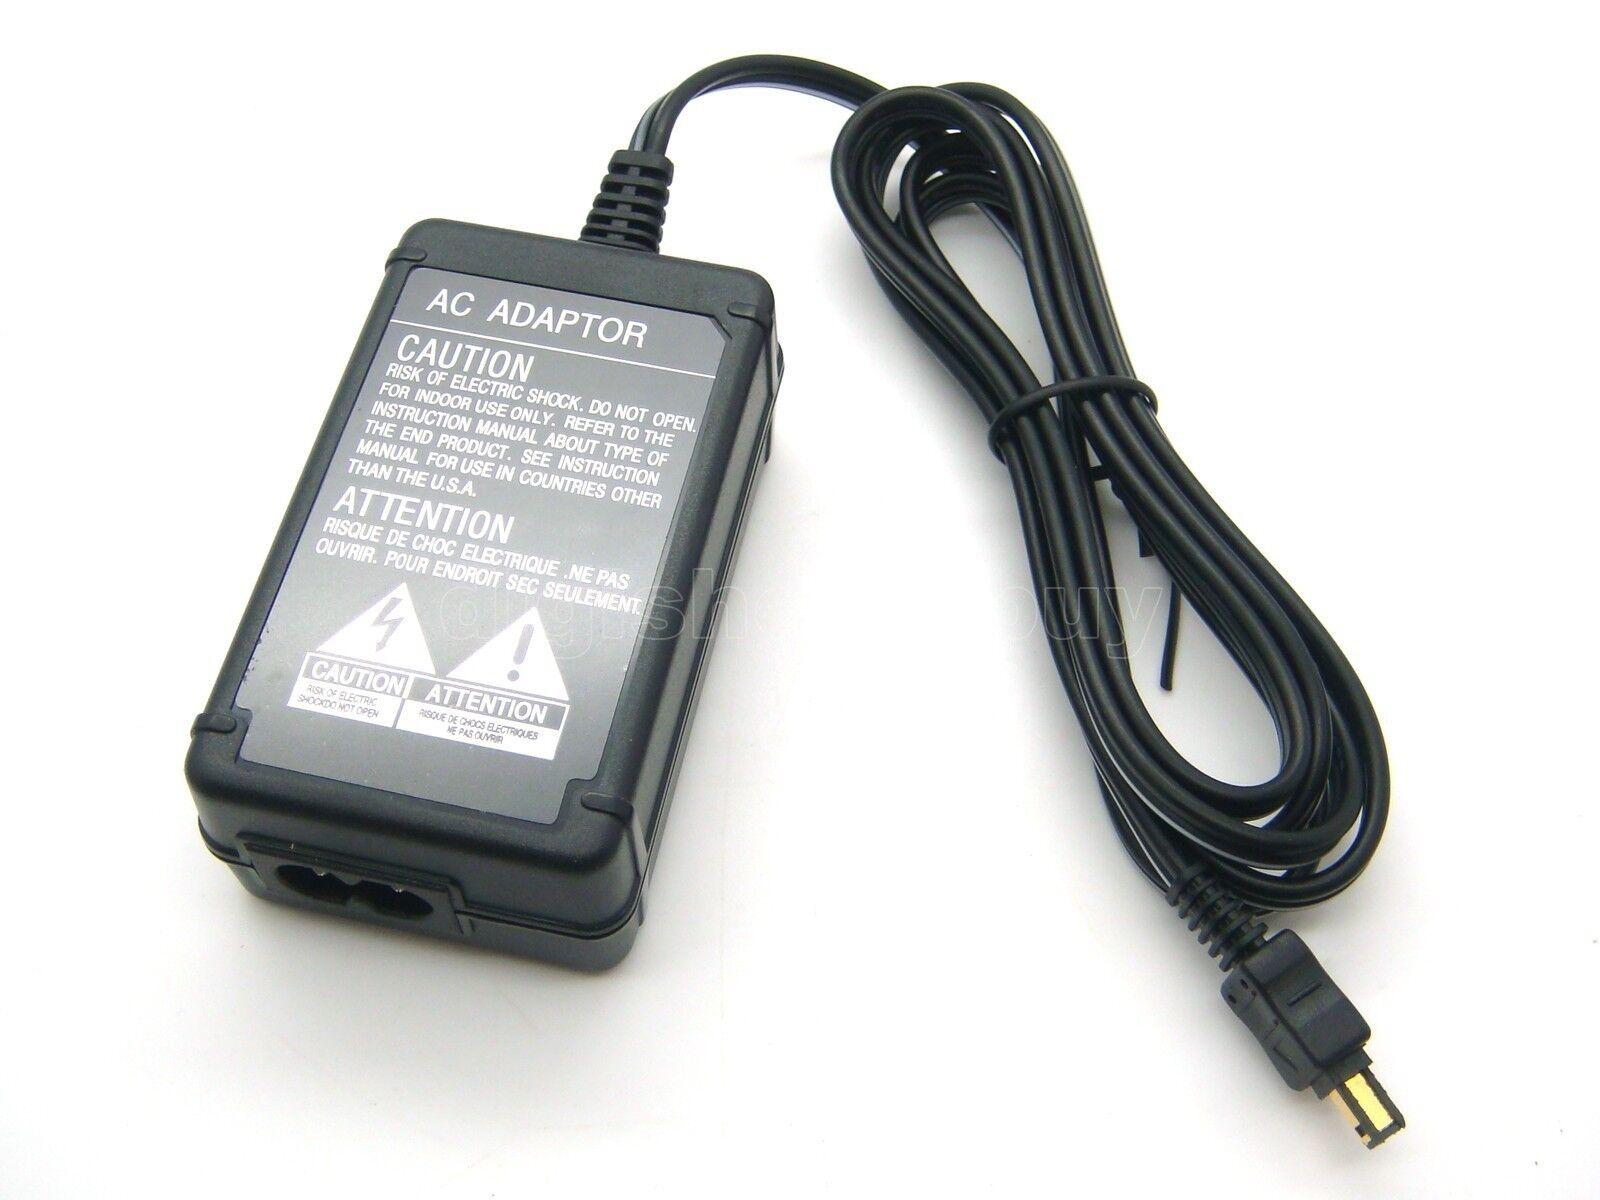 4.2V adaptador de alimentación de CA para AC-LS5 Sony DSC-H7 DSC-H9 DSC-H10 DSC-HX5V//B DSC-L1